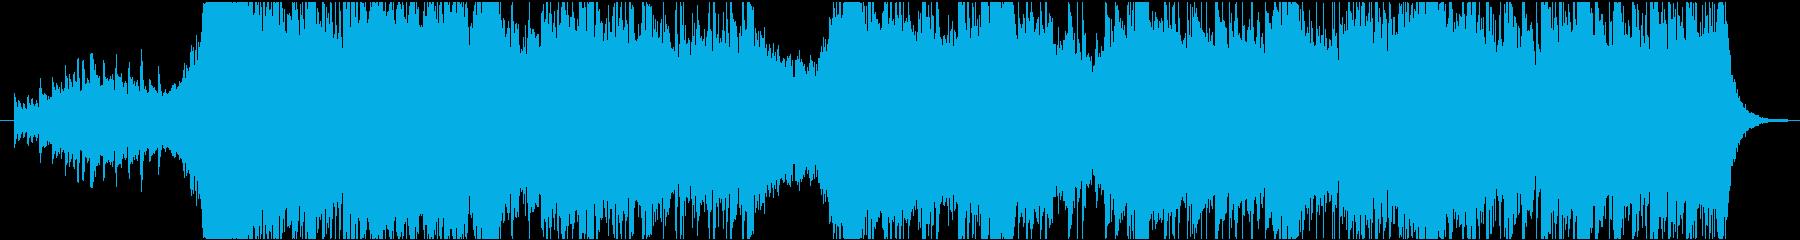 オーケストラ編成の壮大なテーマの再生済みの波形